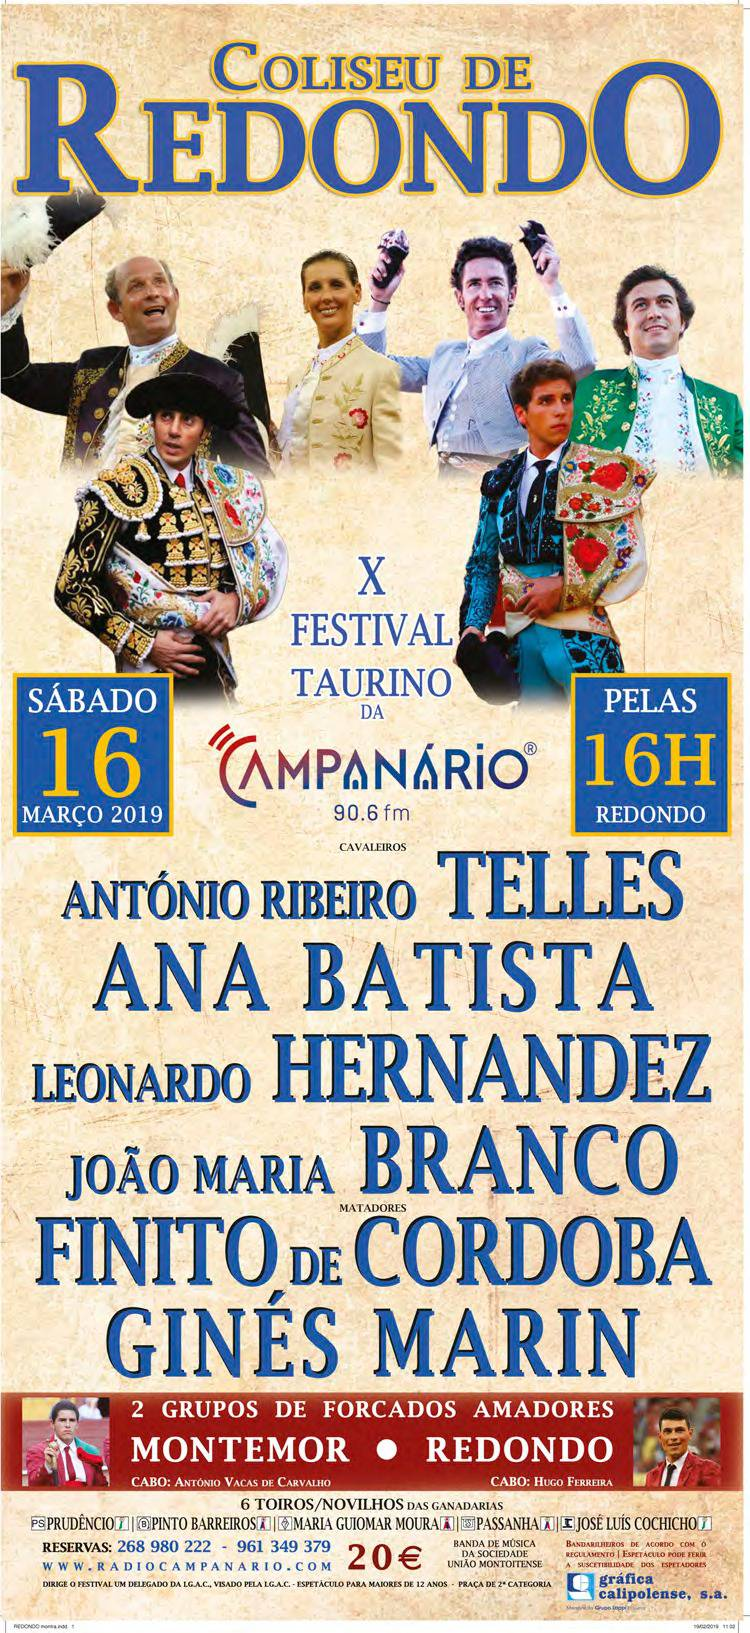 """Um cartel de figuras para o """"X Festival Taurino da Rádio Campanário"""" a 16 de Março"""